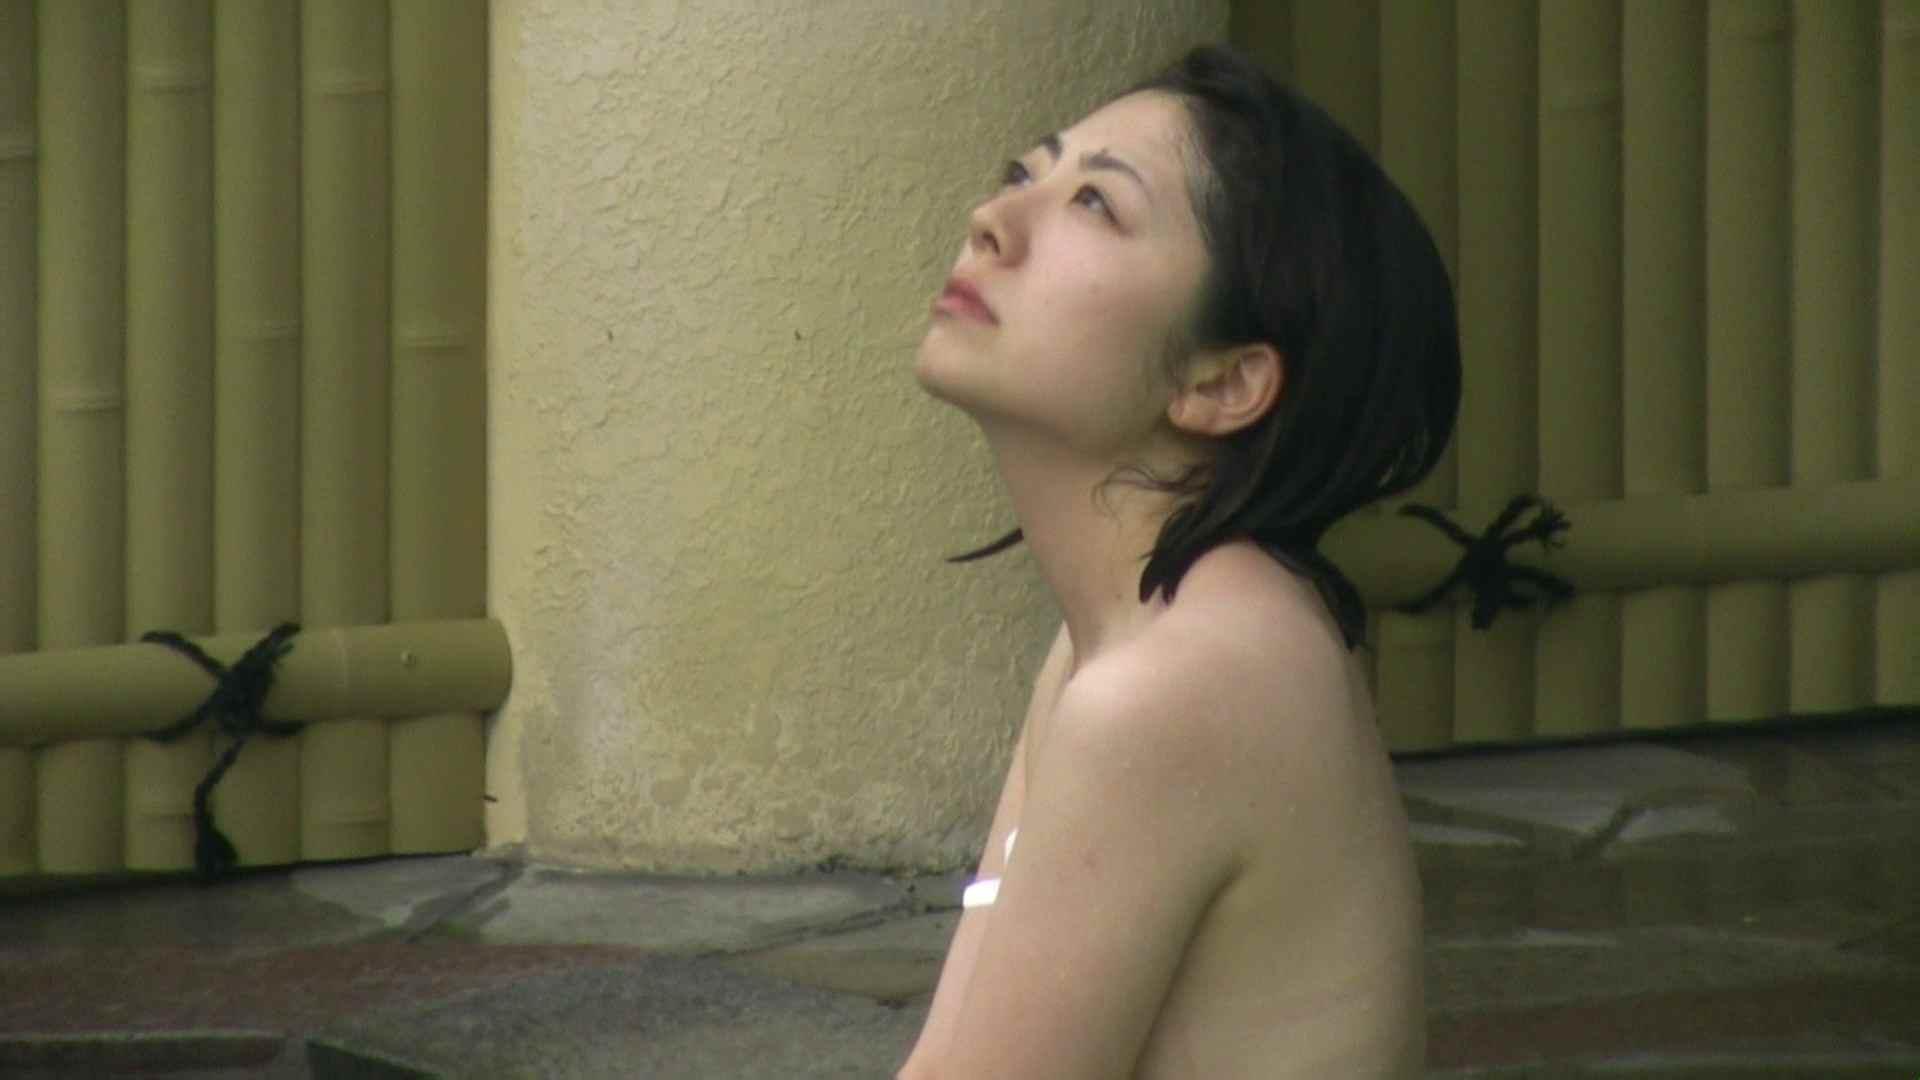 Aquaな露天風呂Vol.04 OLのエロ生活   盗撮  32連発 4